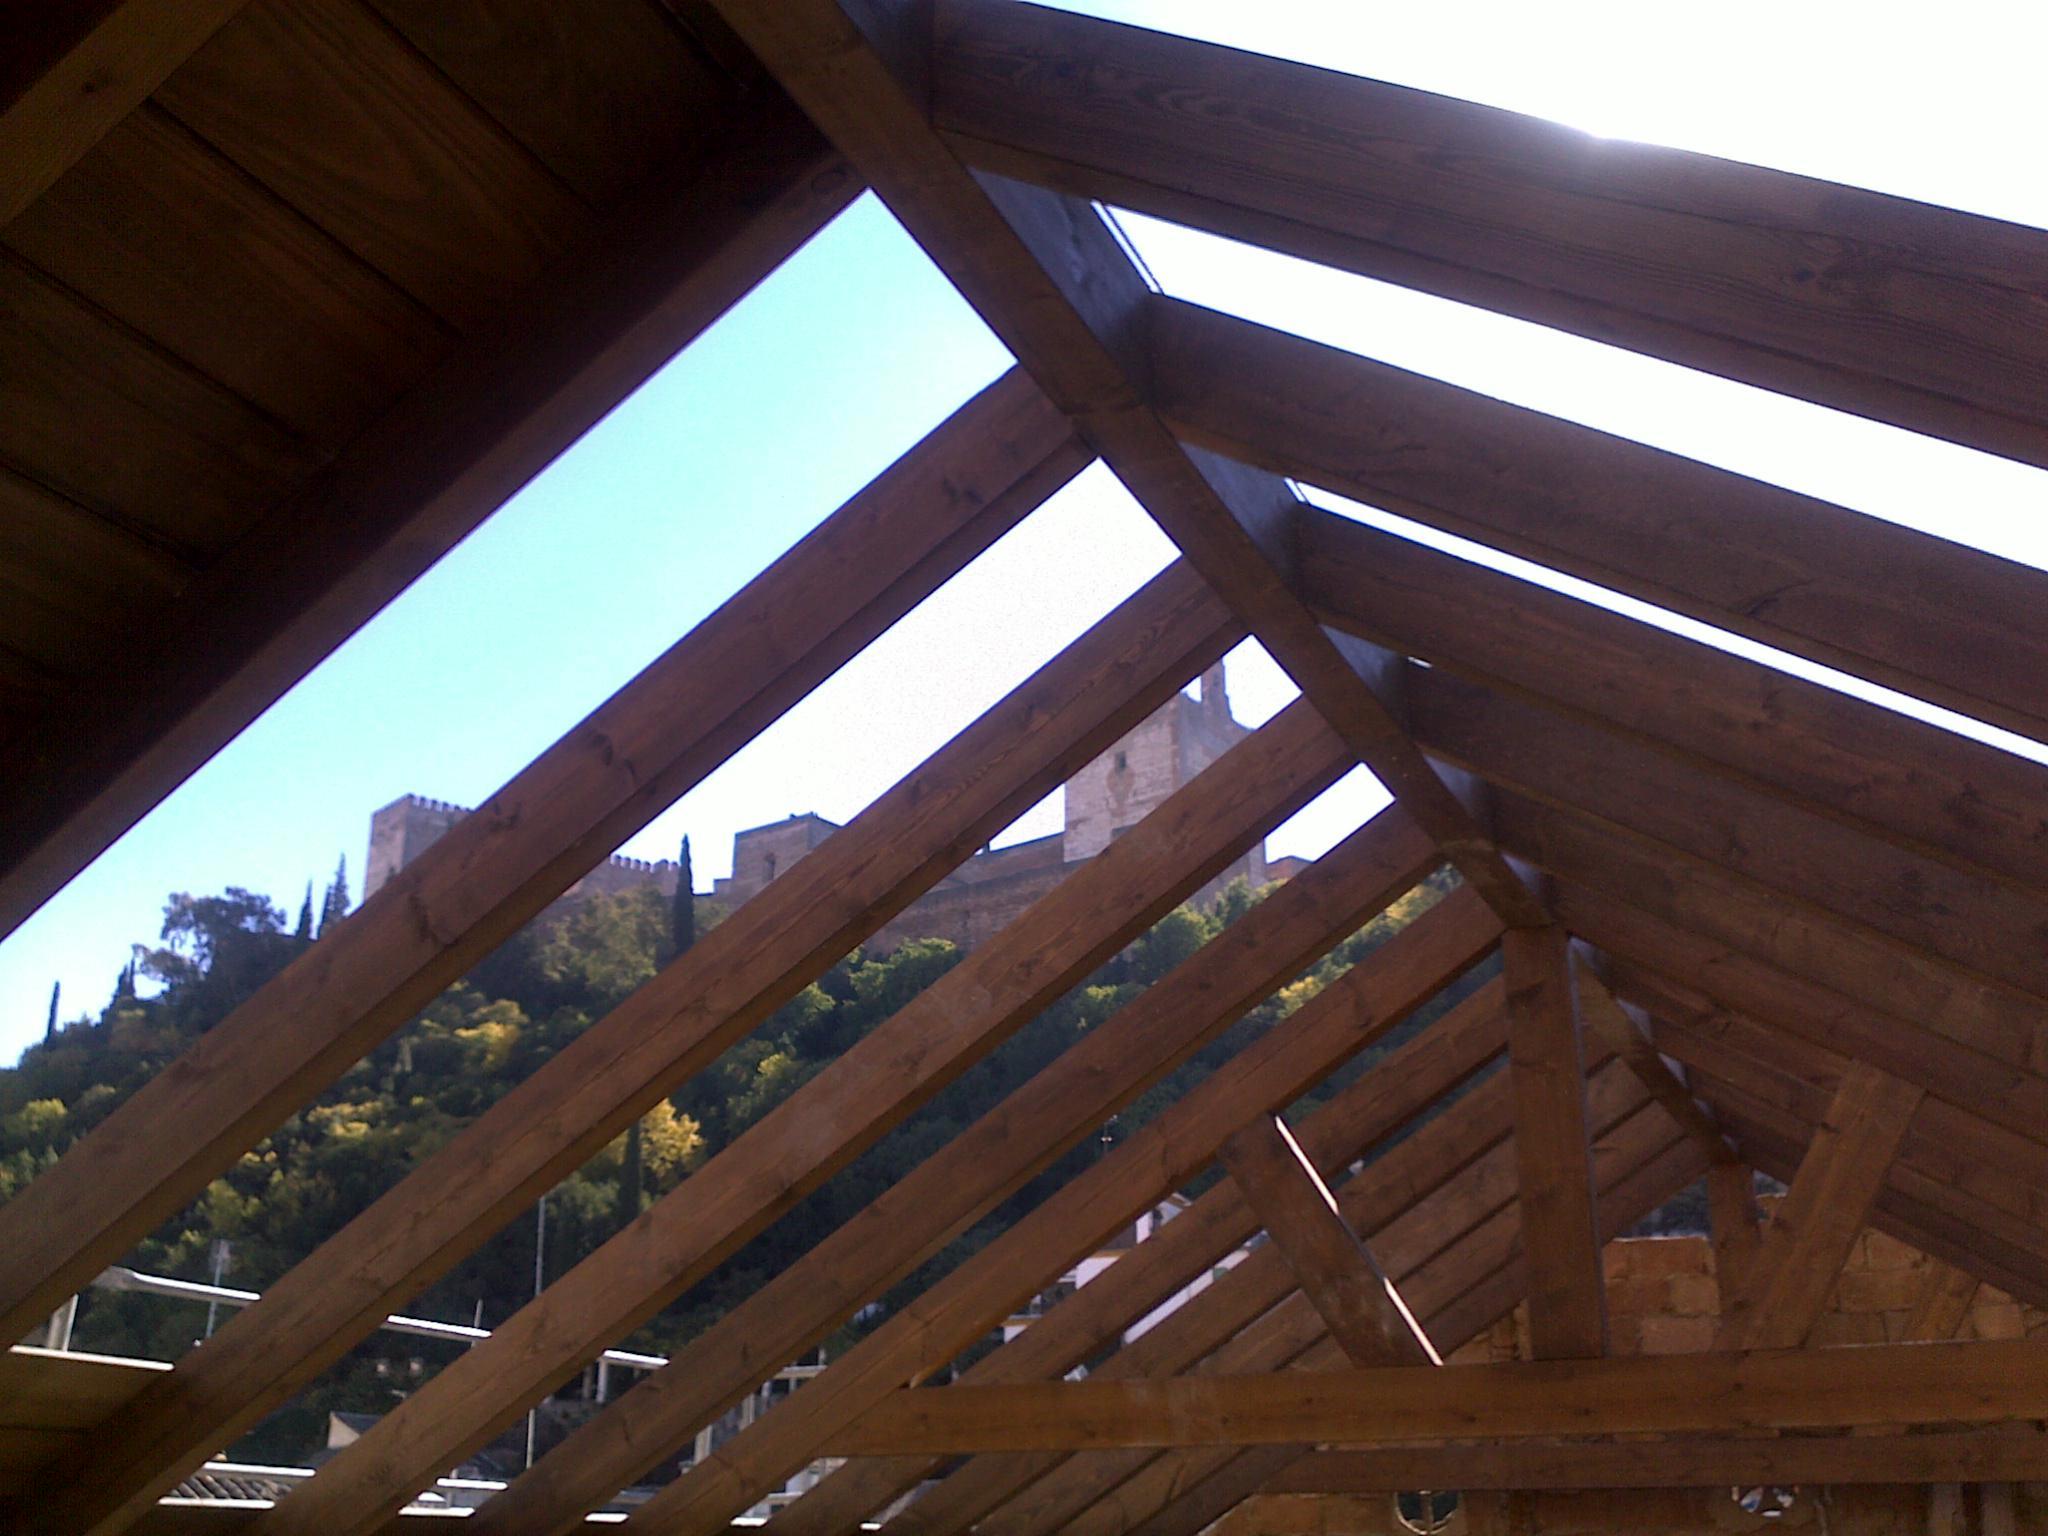 P rgolas de madera a medida en granada techos travesa os for Techos de madera para exterior